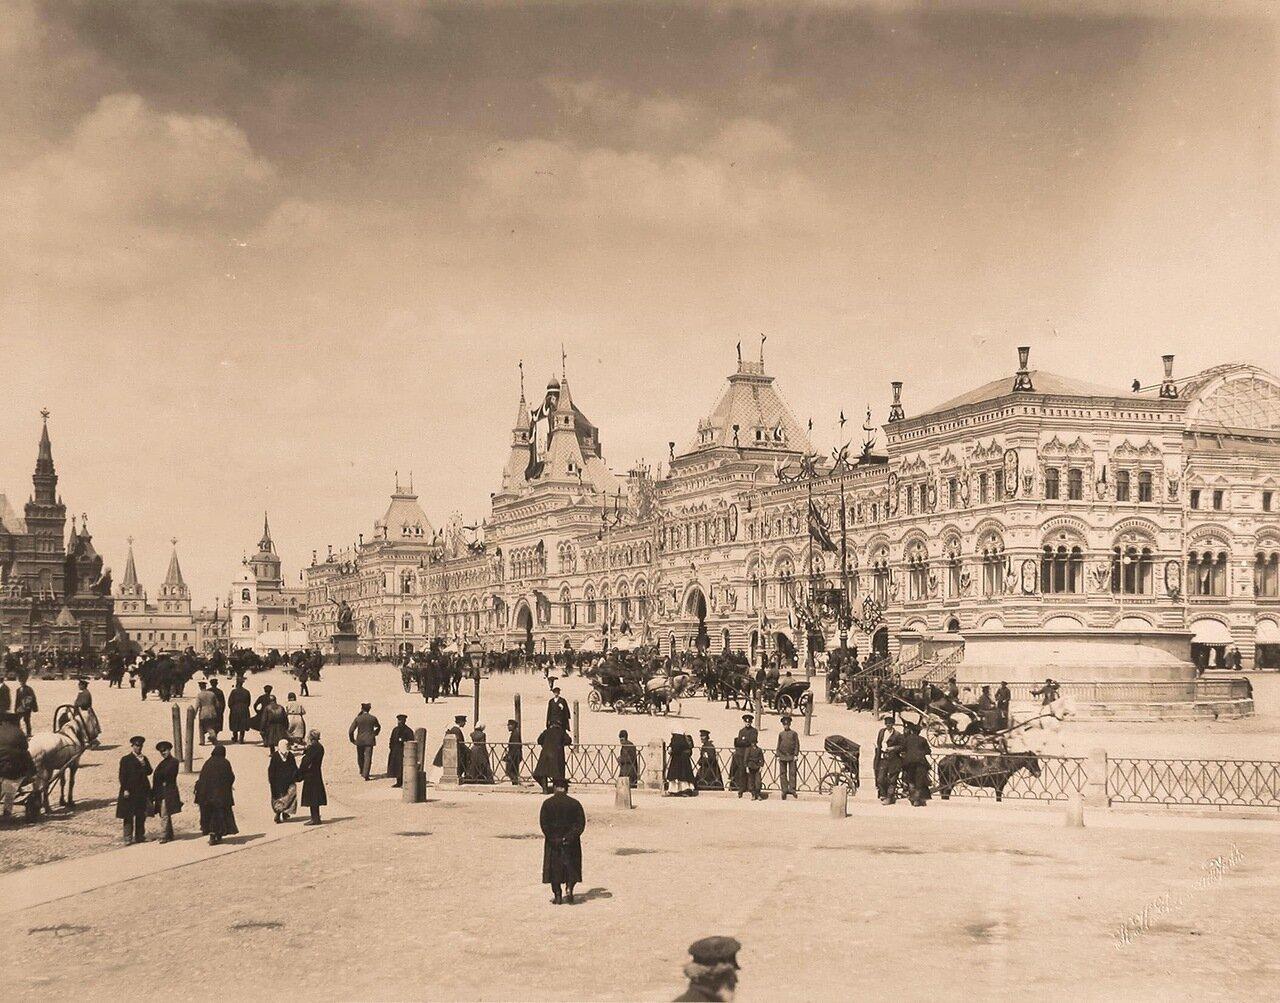 Горожане на Красной площади в дни коронационных торжеств; справа - Средние и Верхние торговые ряды; на втором плане - здание Исторического музея (слева), рядом (правее) - Воскресенские (Иверские) ворота.